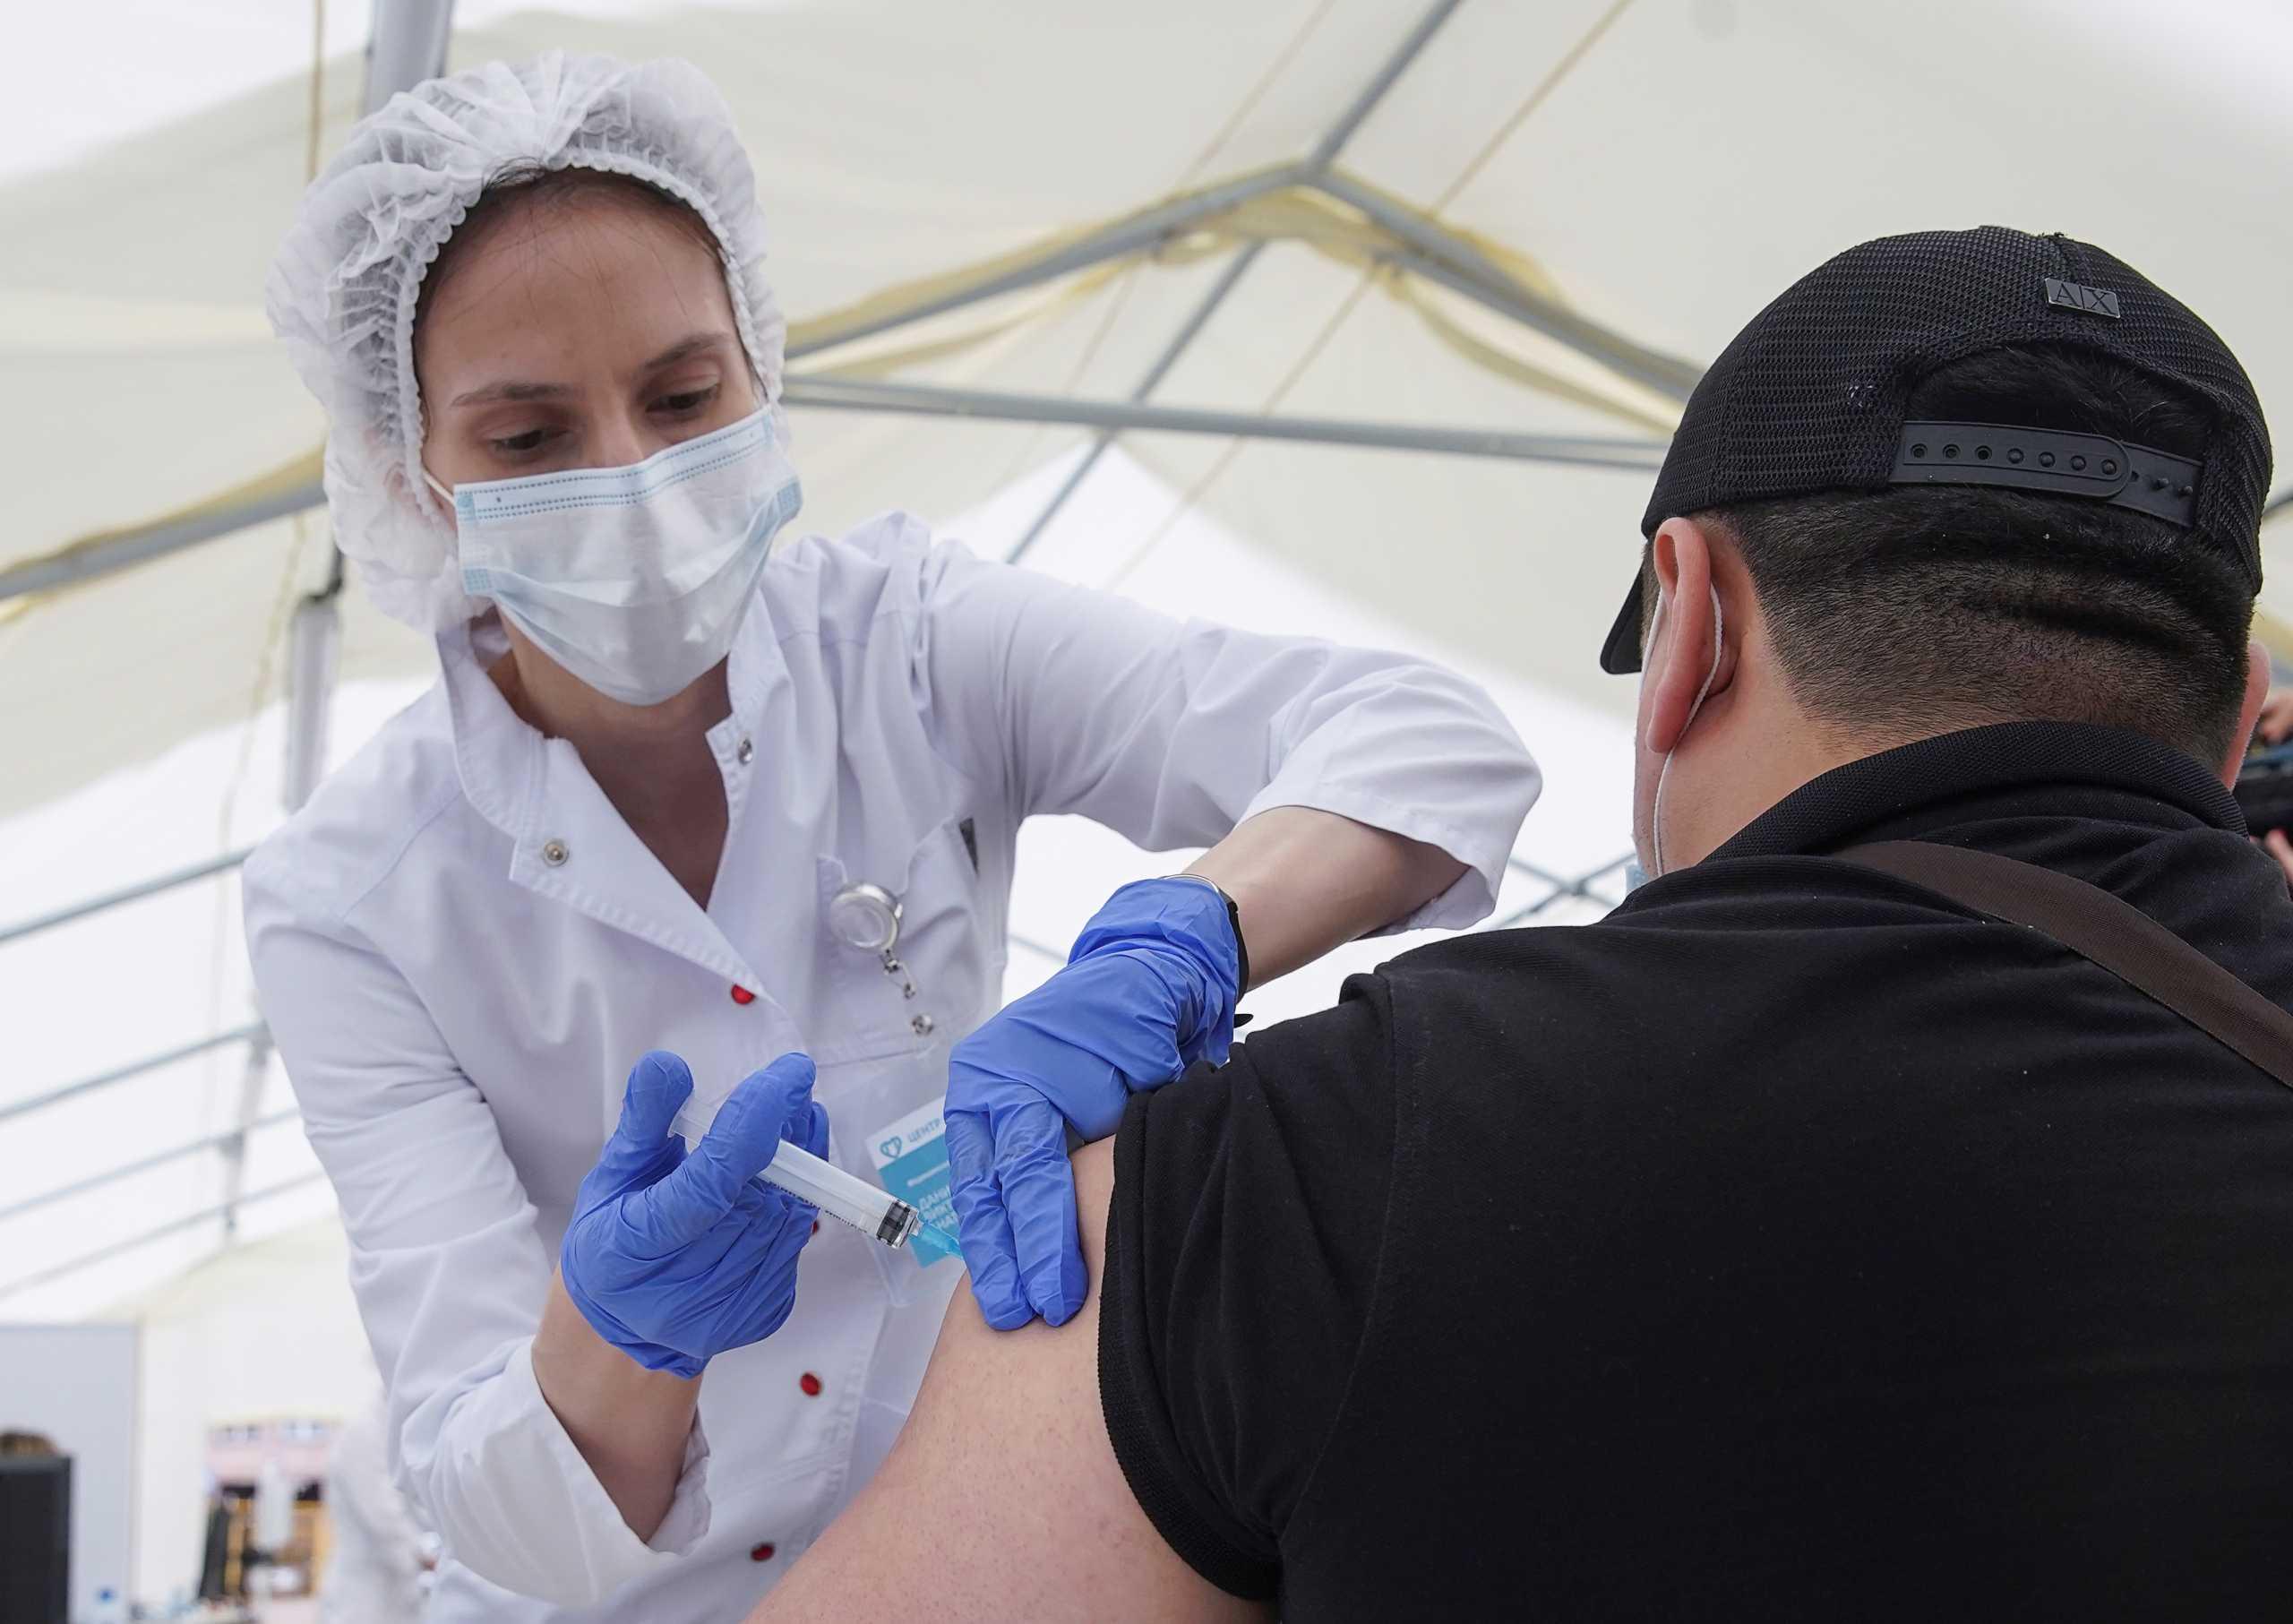 Ρωσία: Εξαντλήθηκαν τα εμβόλια EpiVacCorona στη Μόσχα και σταμάτησαν προσωρινά οι εμβολιασμοί